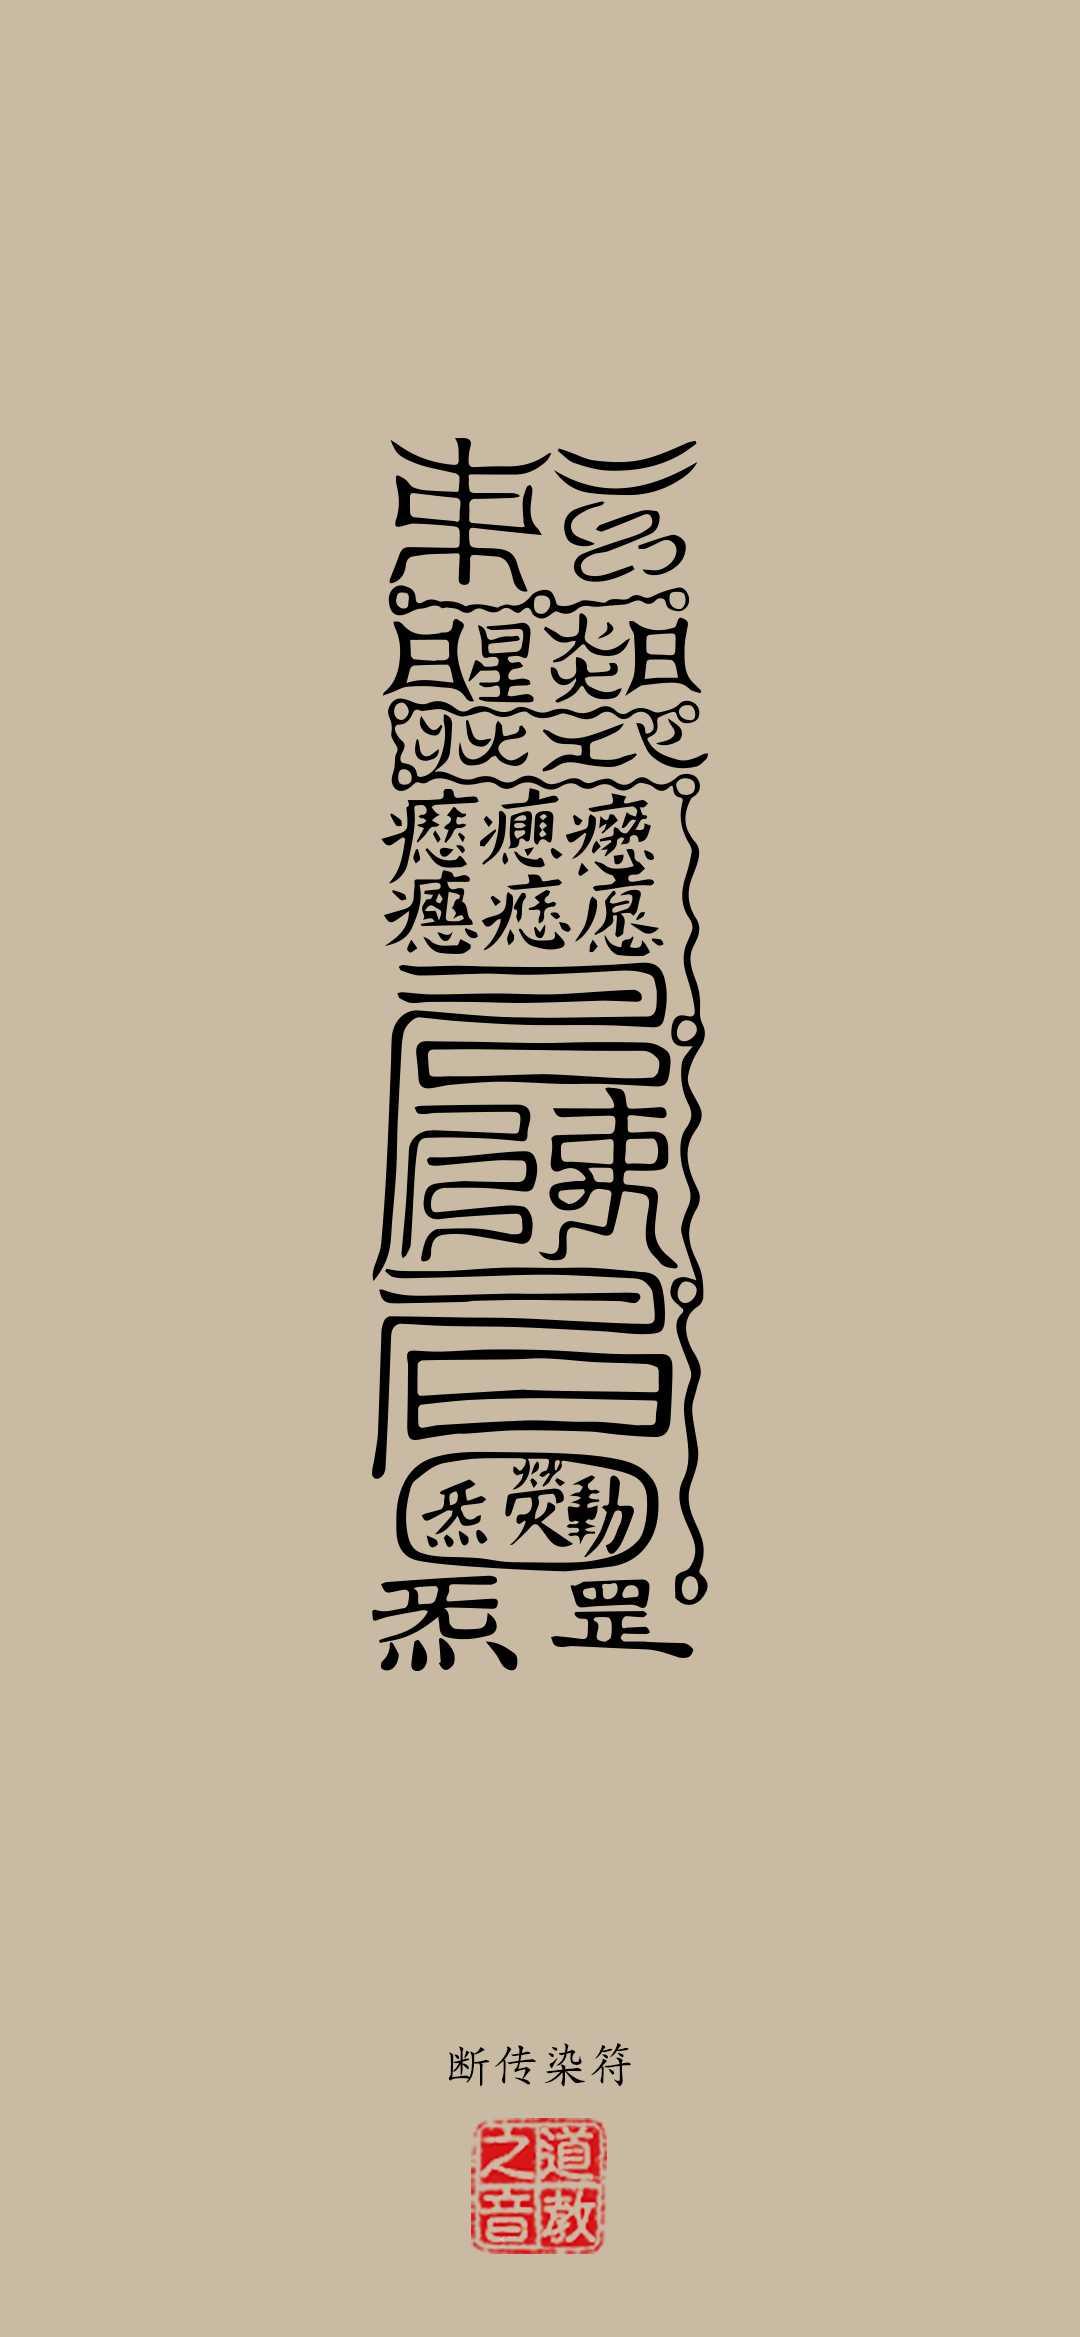 道系灵符壁纸